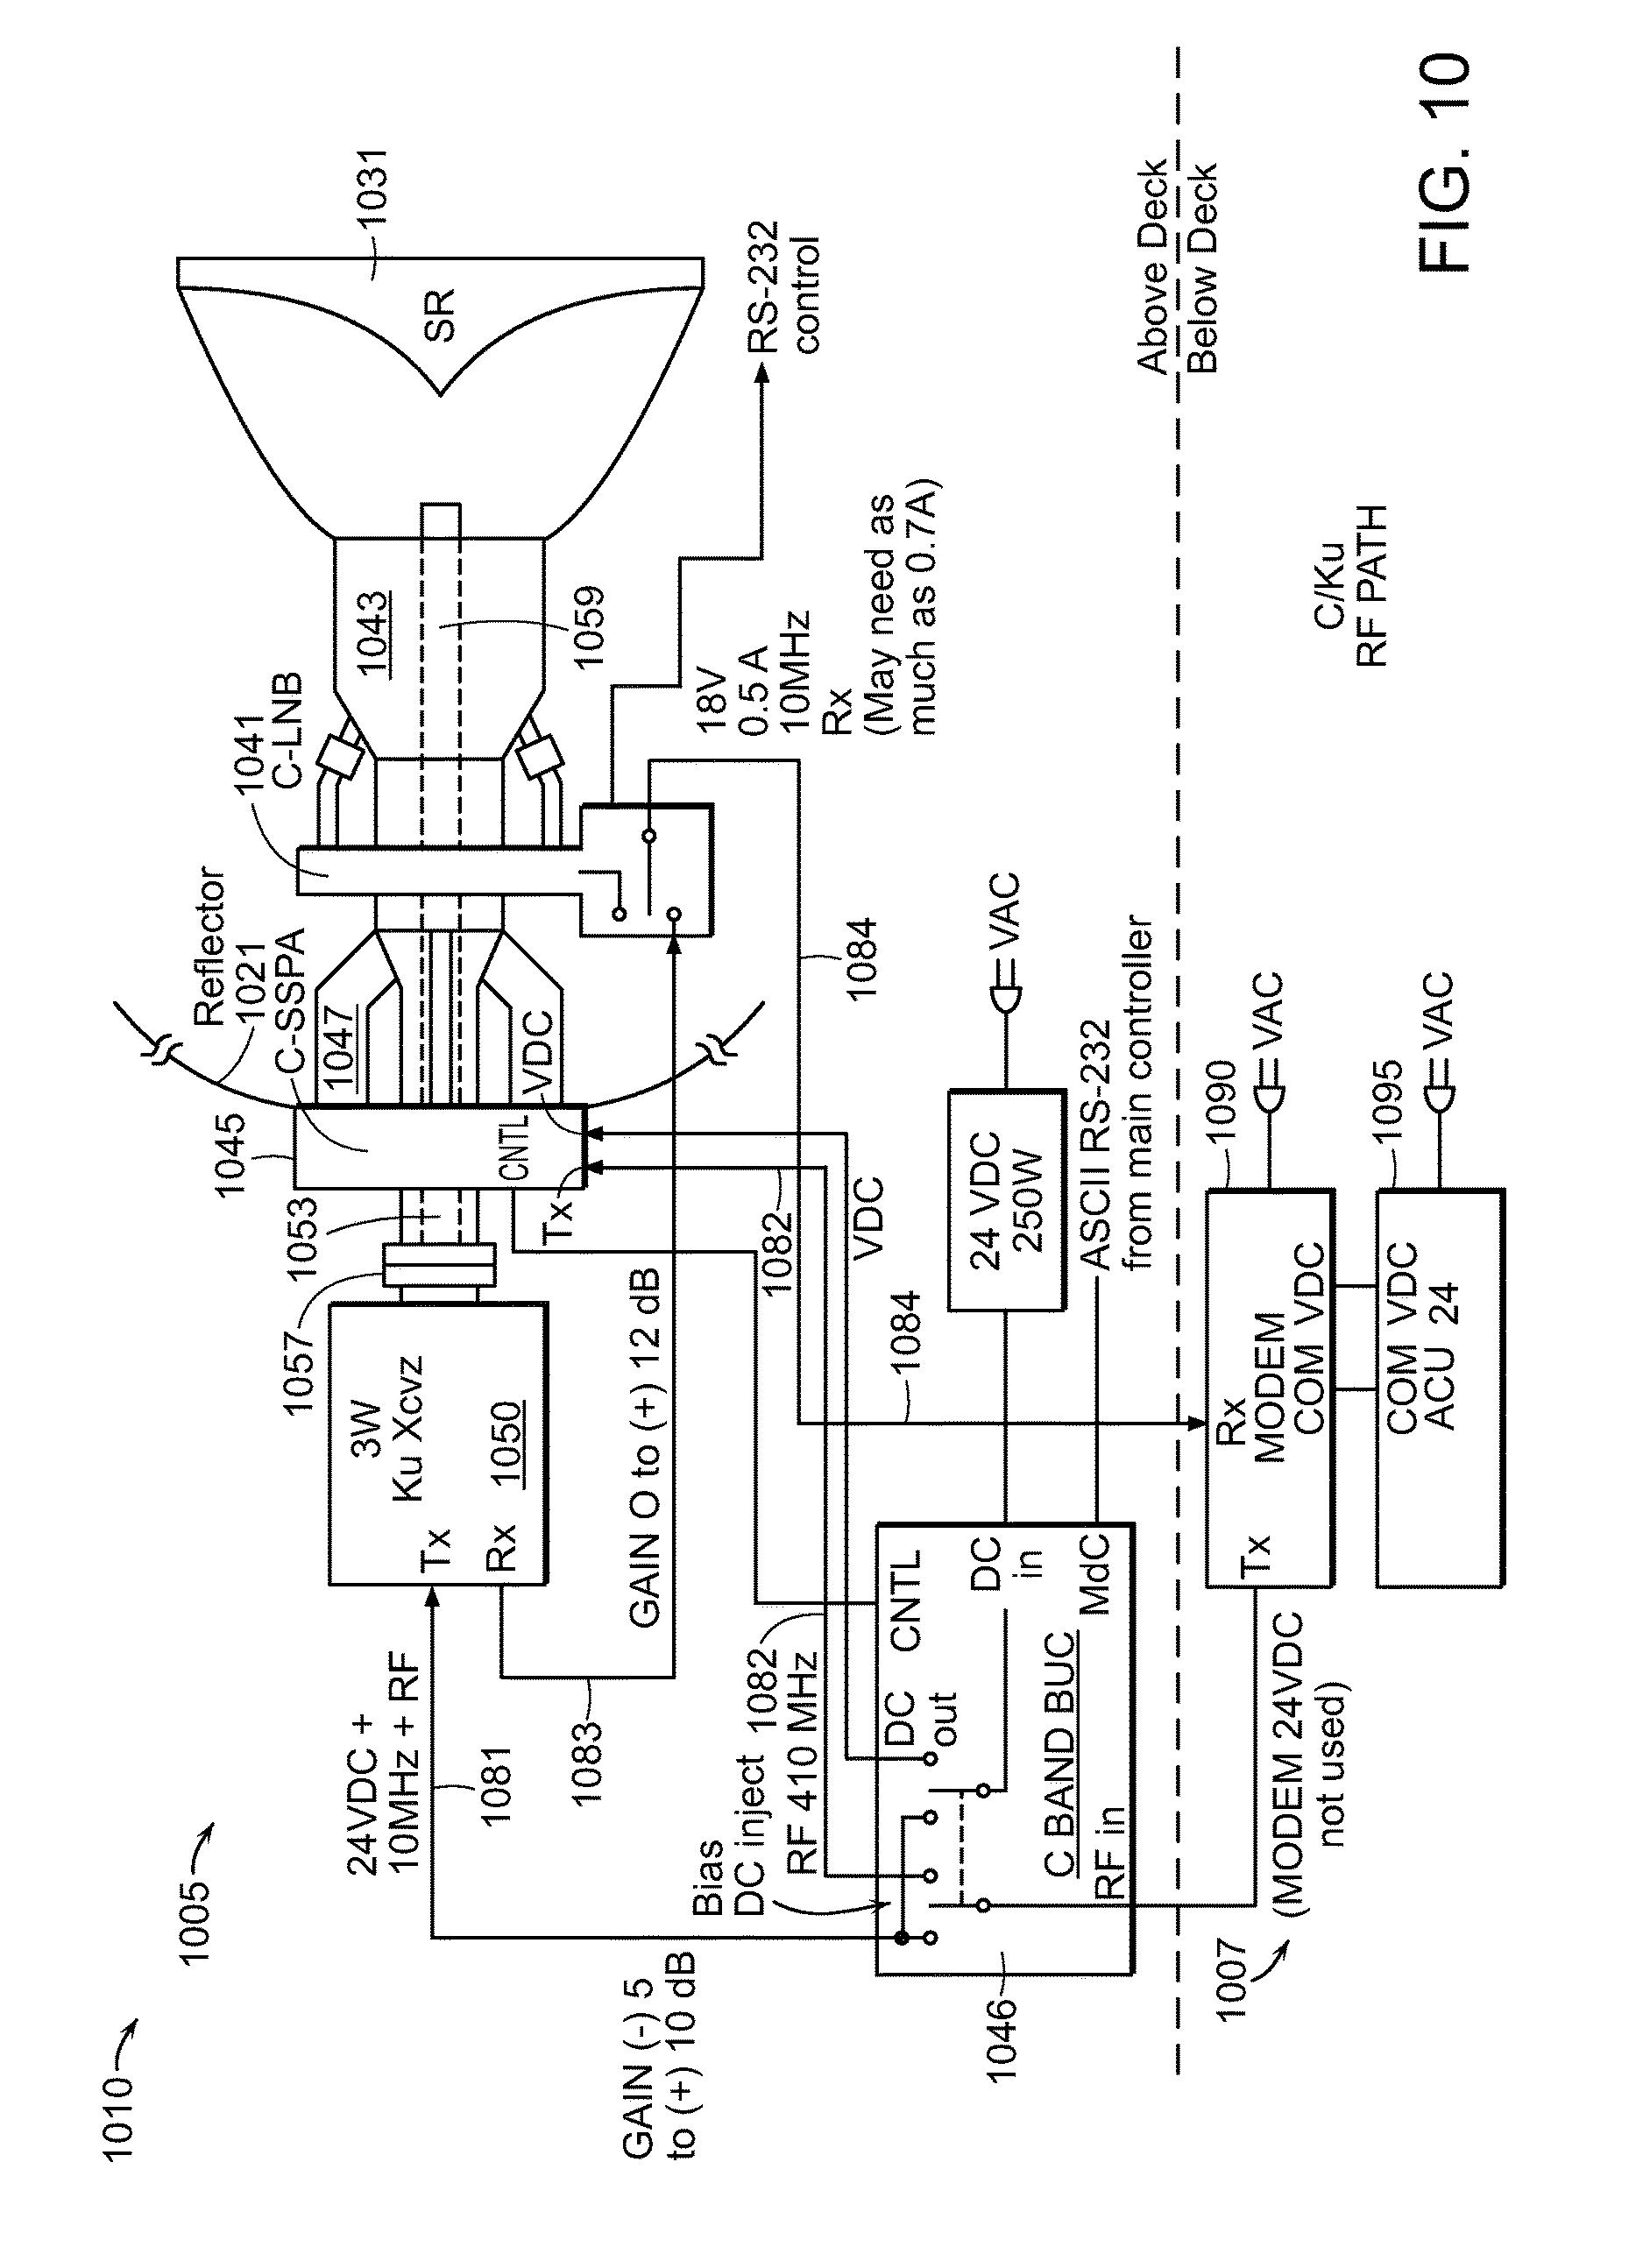 c band lnb circuit diagram patent us 9 966 648 b2  patent us 9 966 648 b2